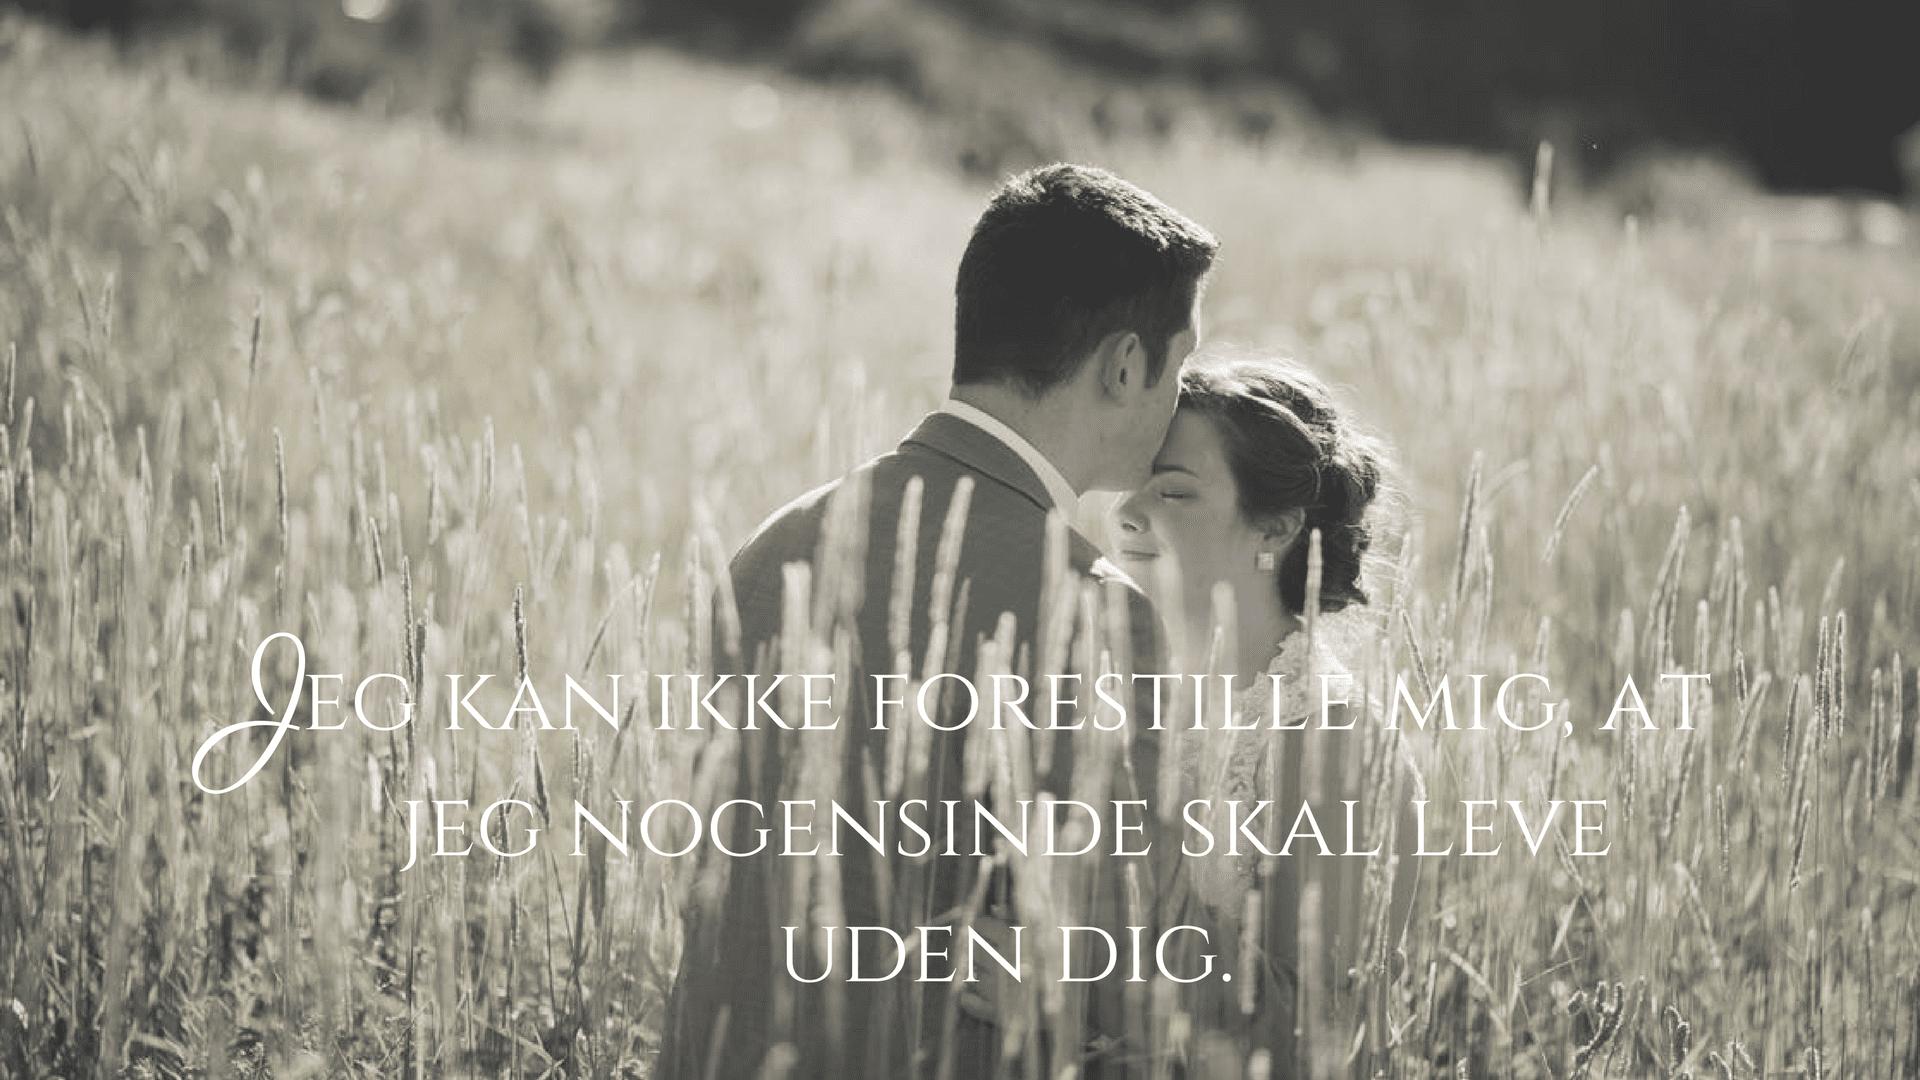 smukke citater om kærlighed